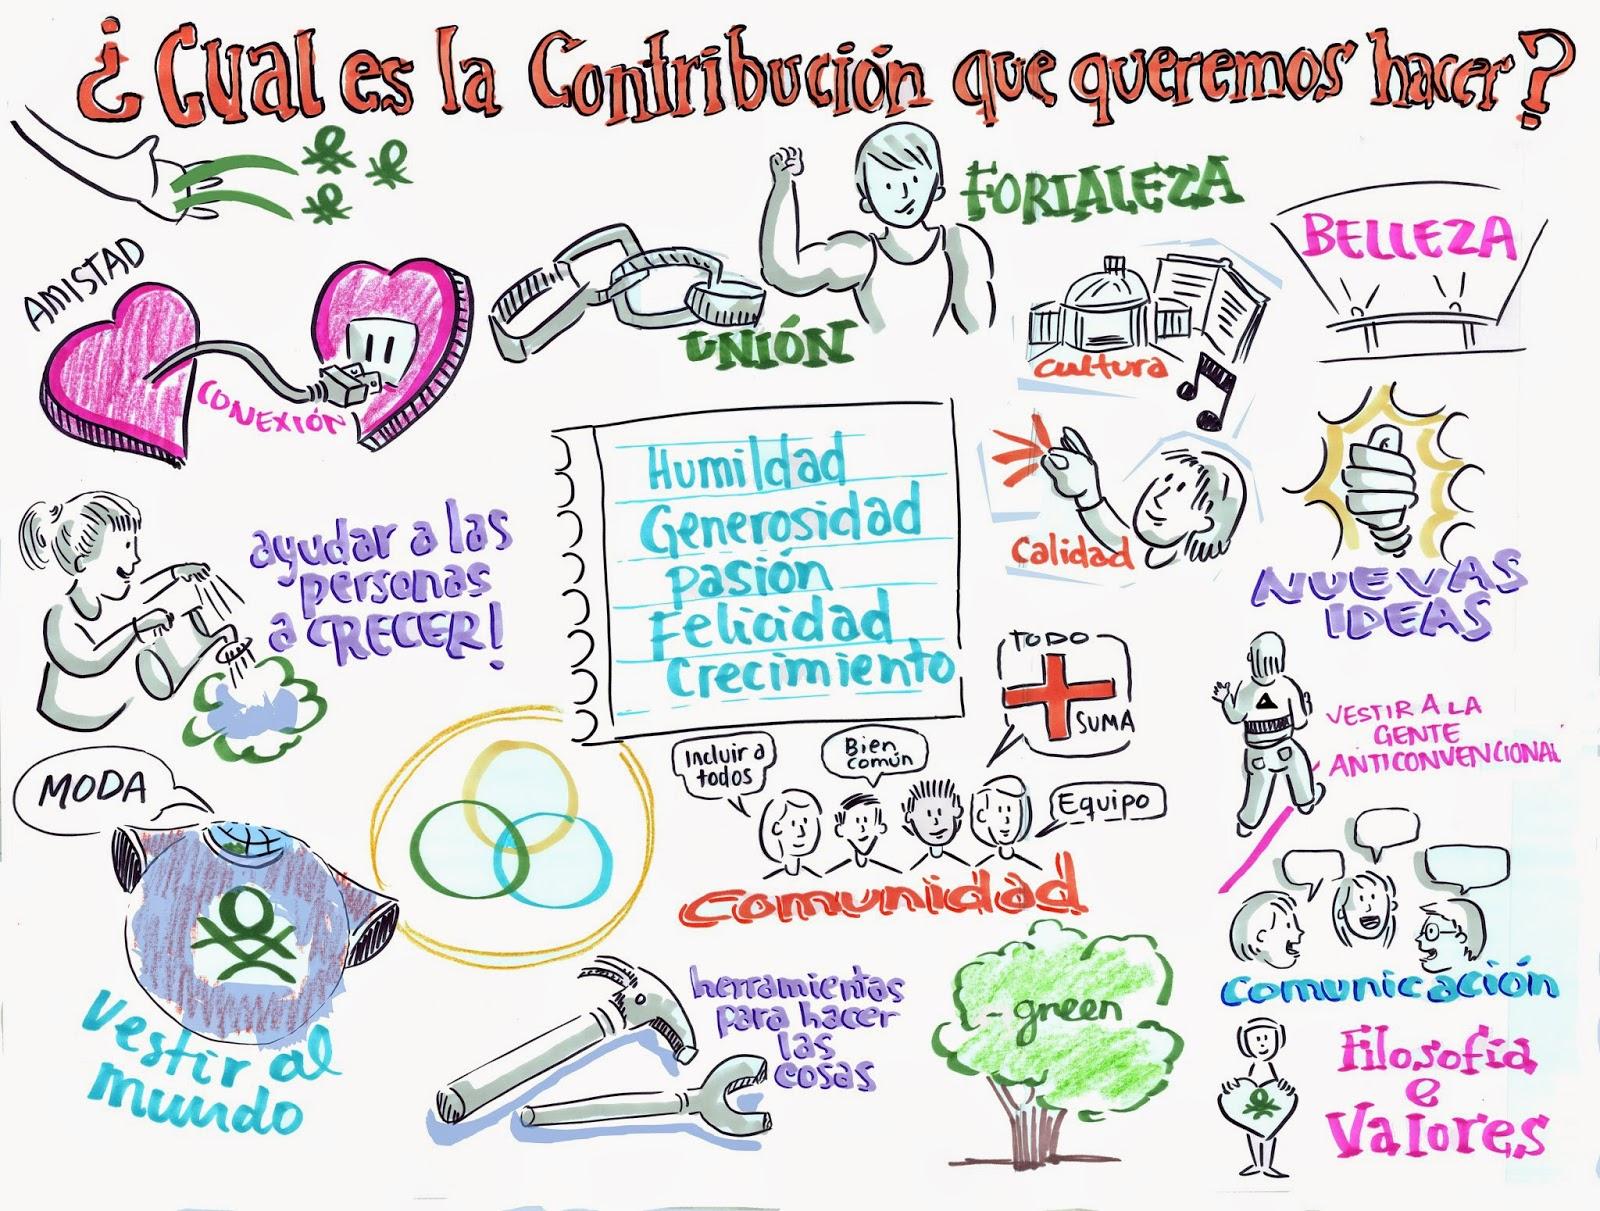 3_Cual_es_la_contribución